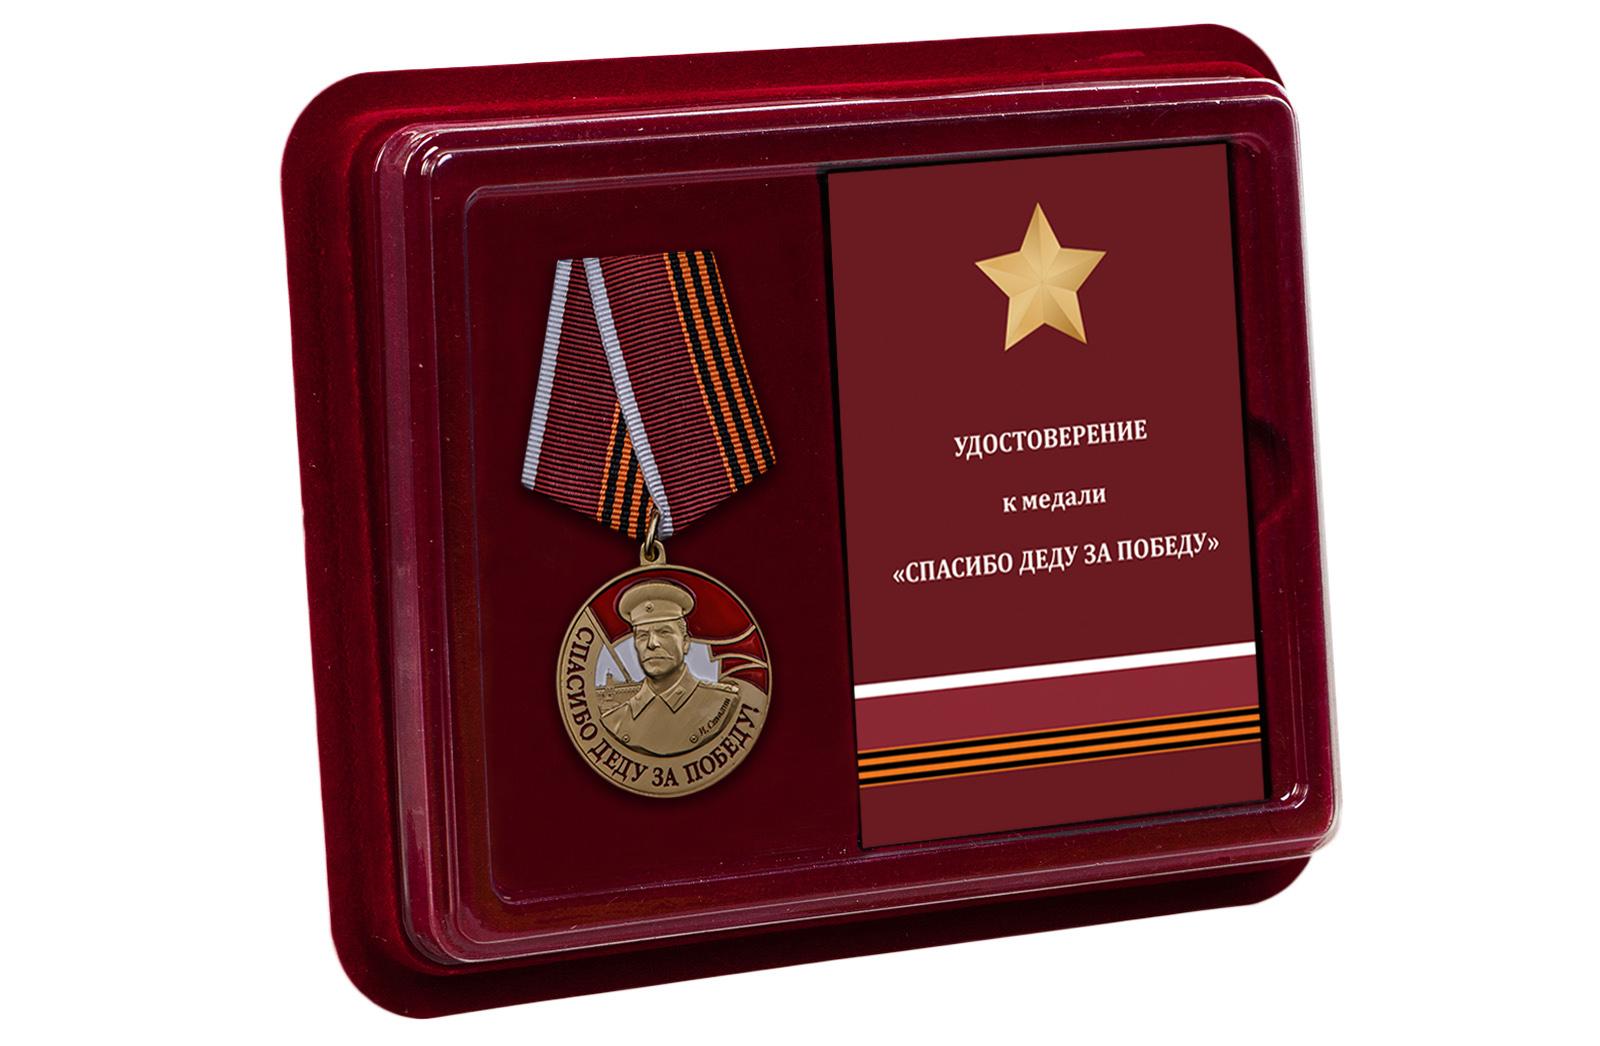 Купить медаль со Сталиным Спасибо деду за Победу оптом или в розницу